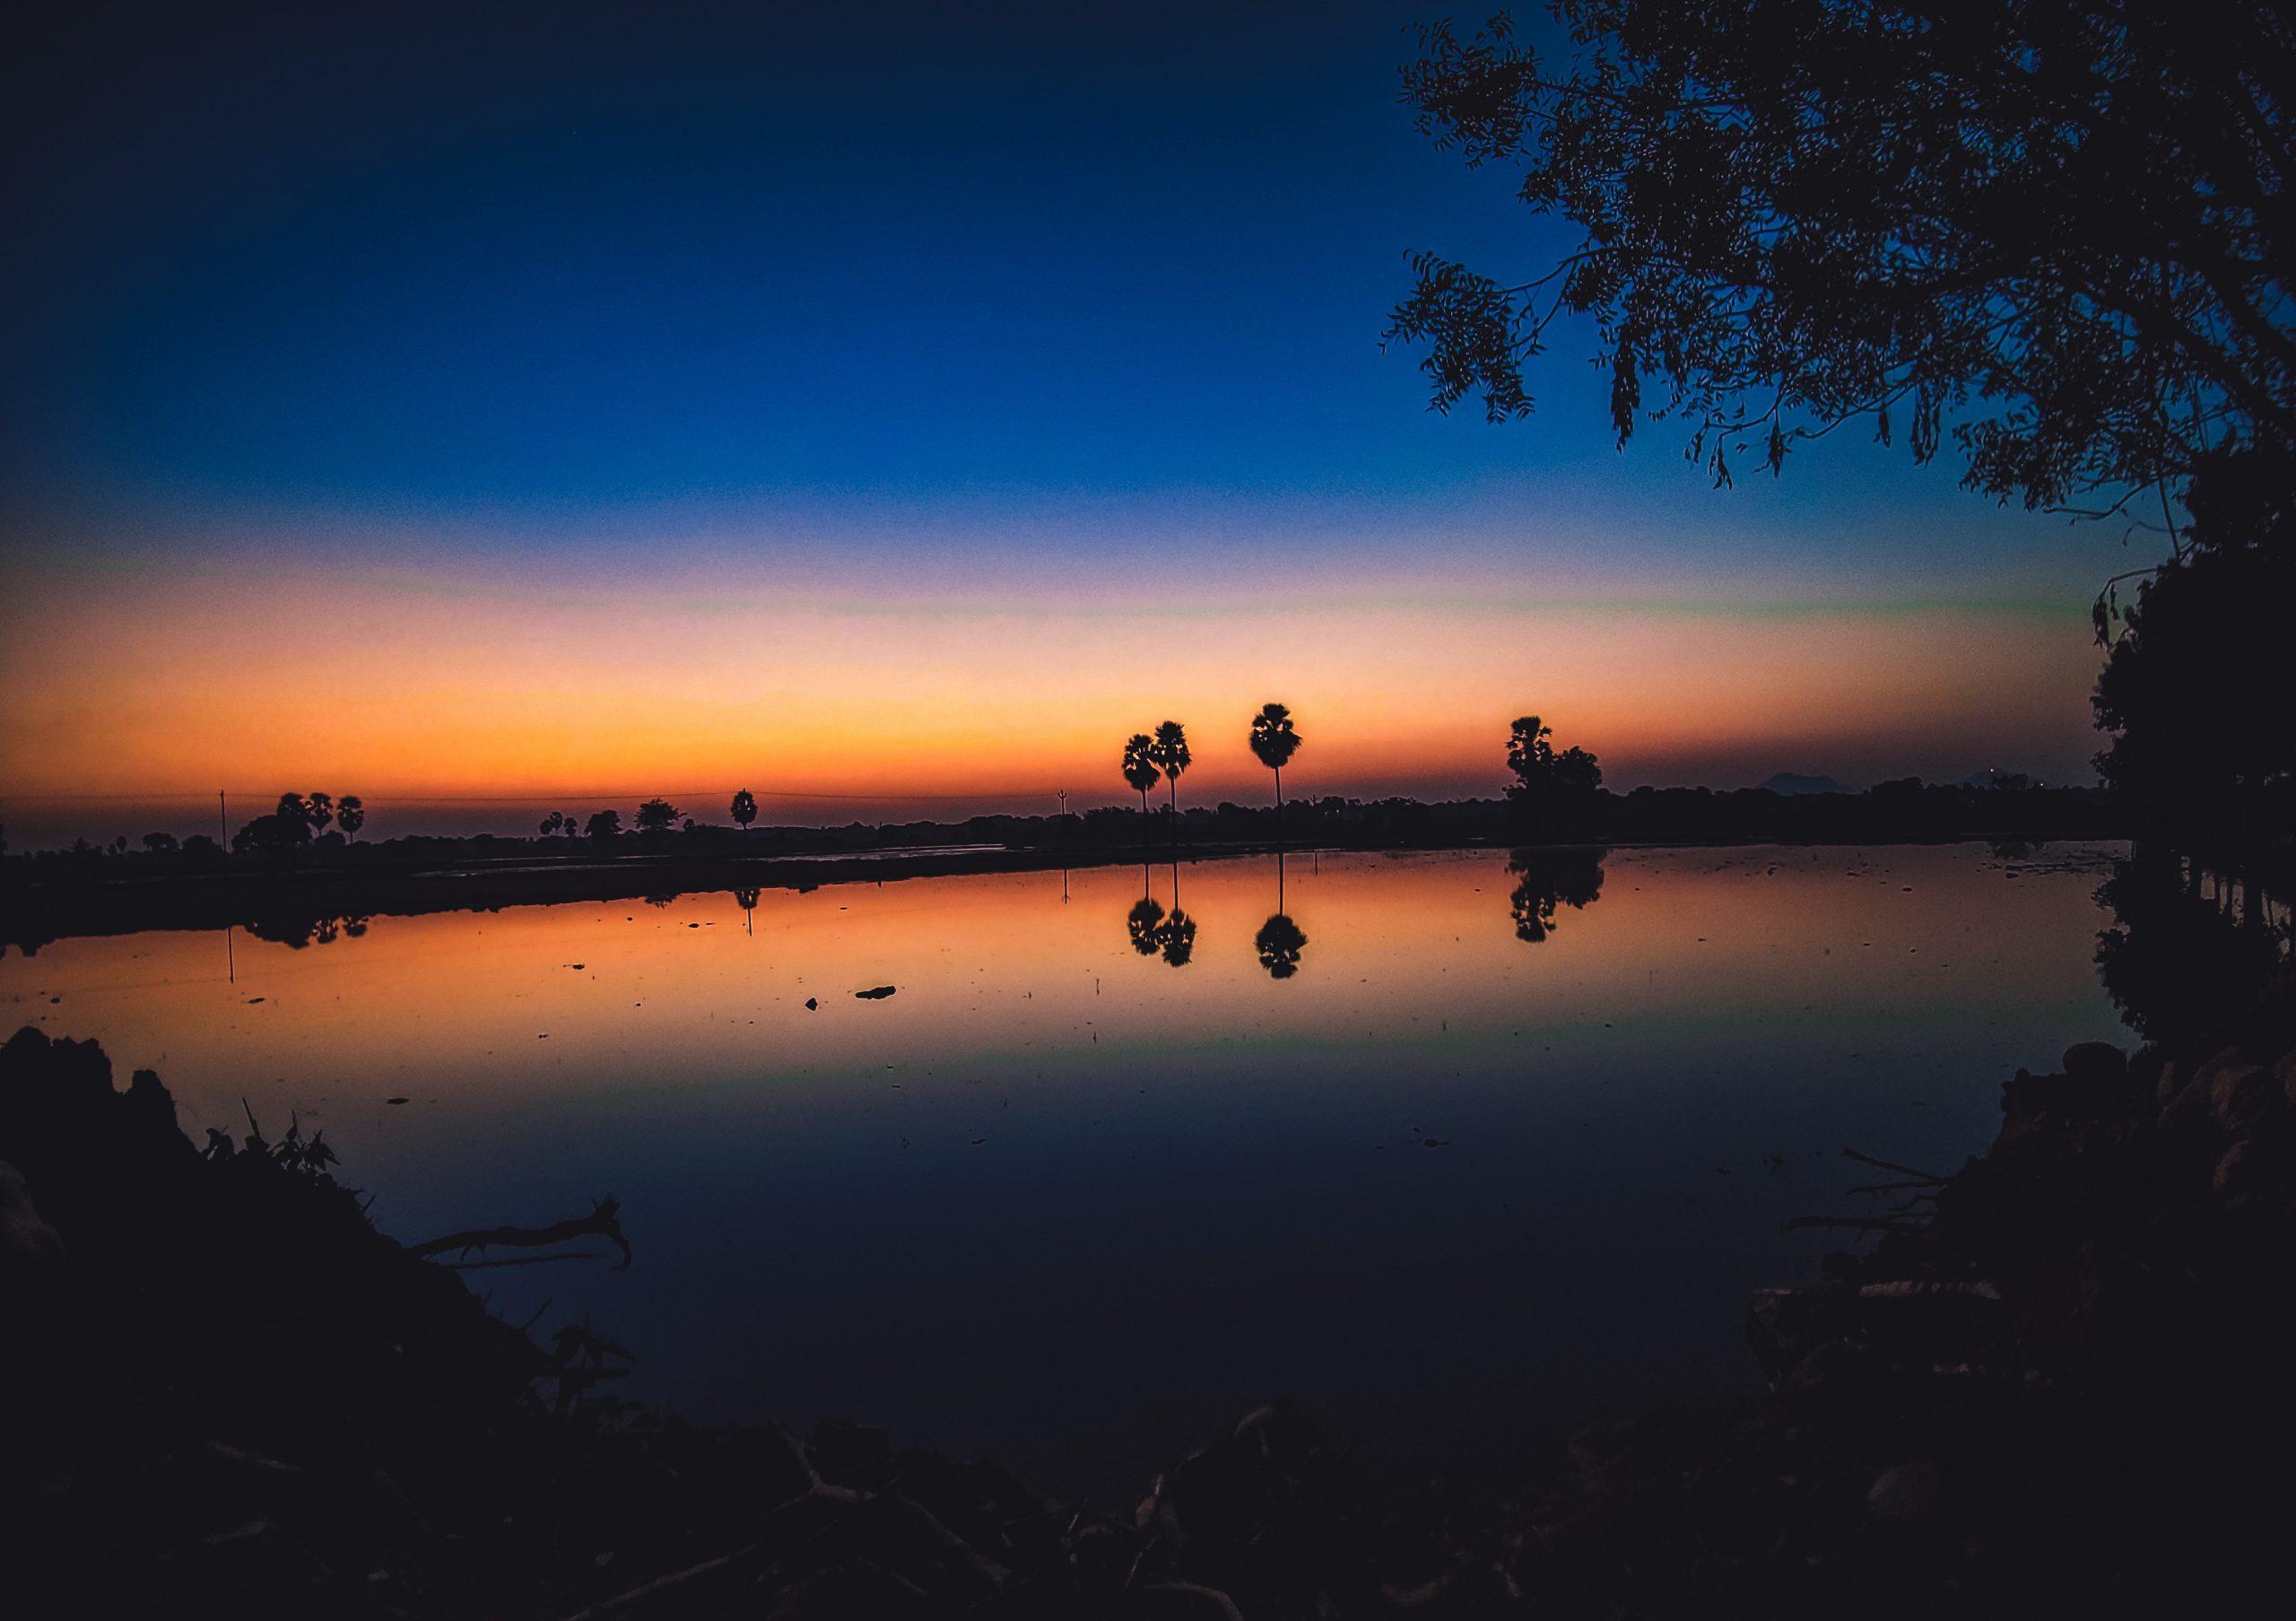 Evening at a lake